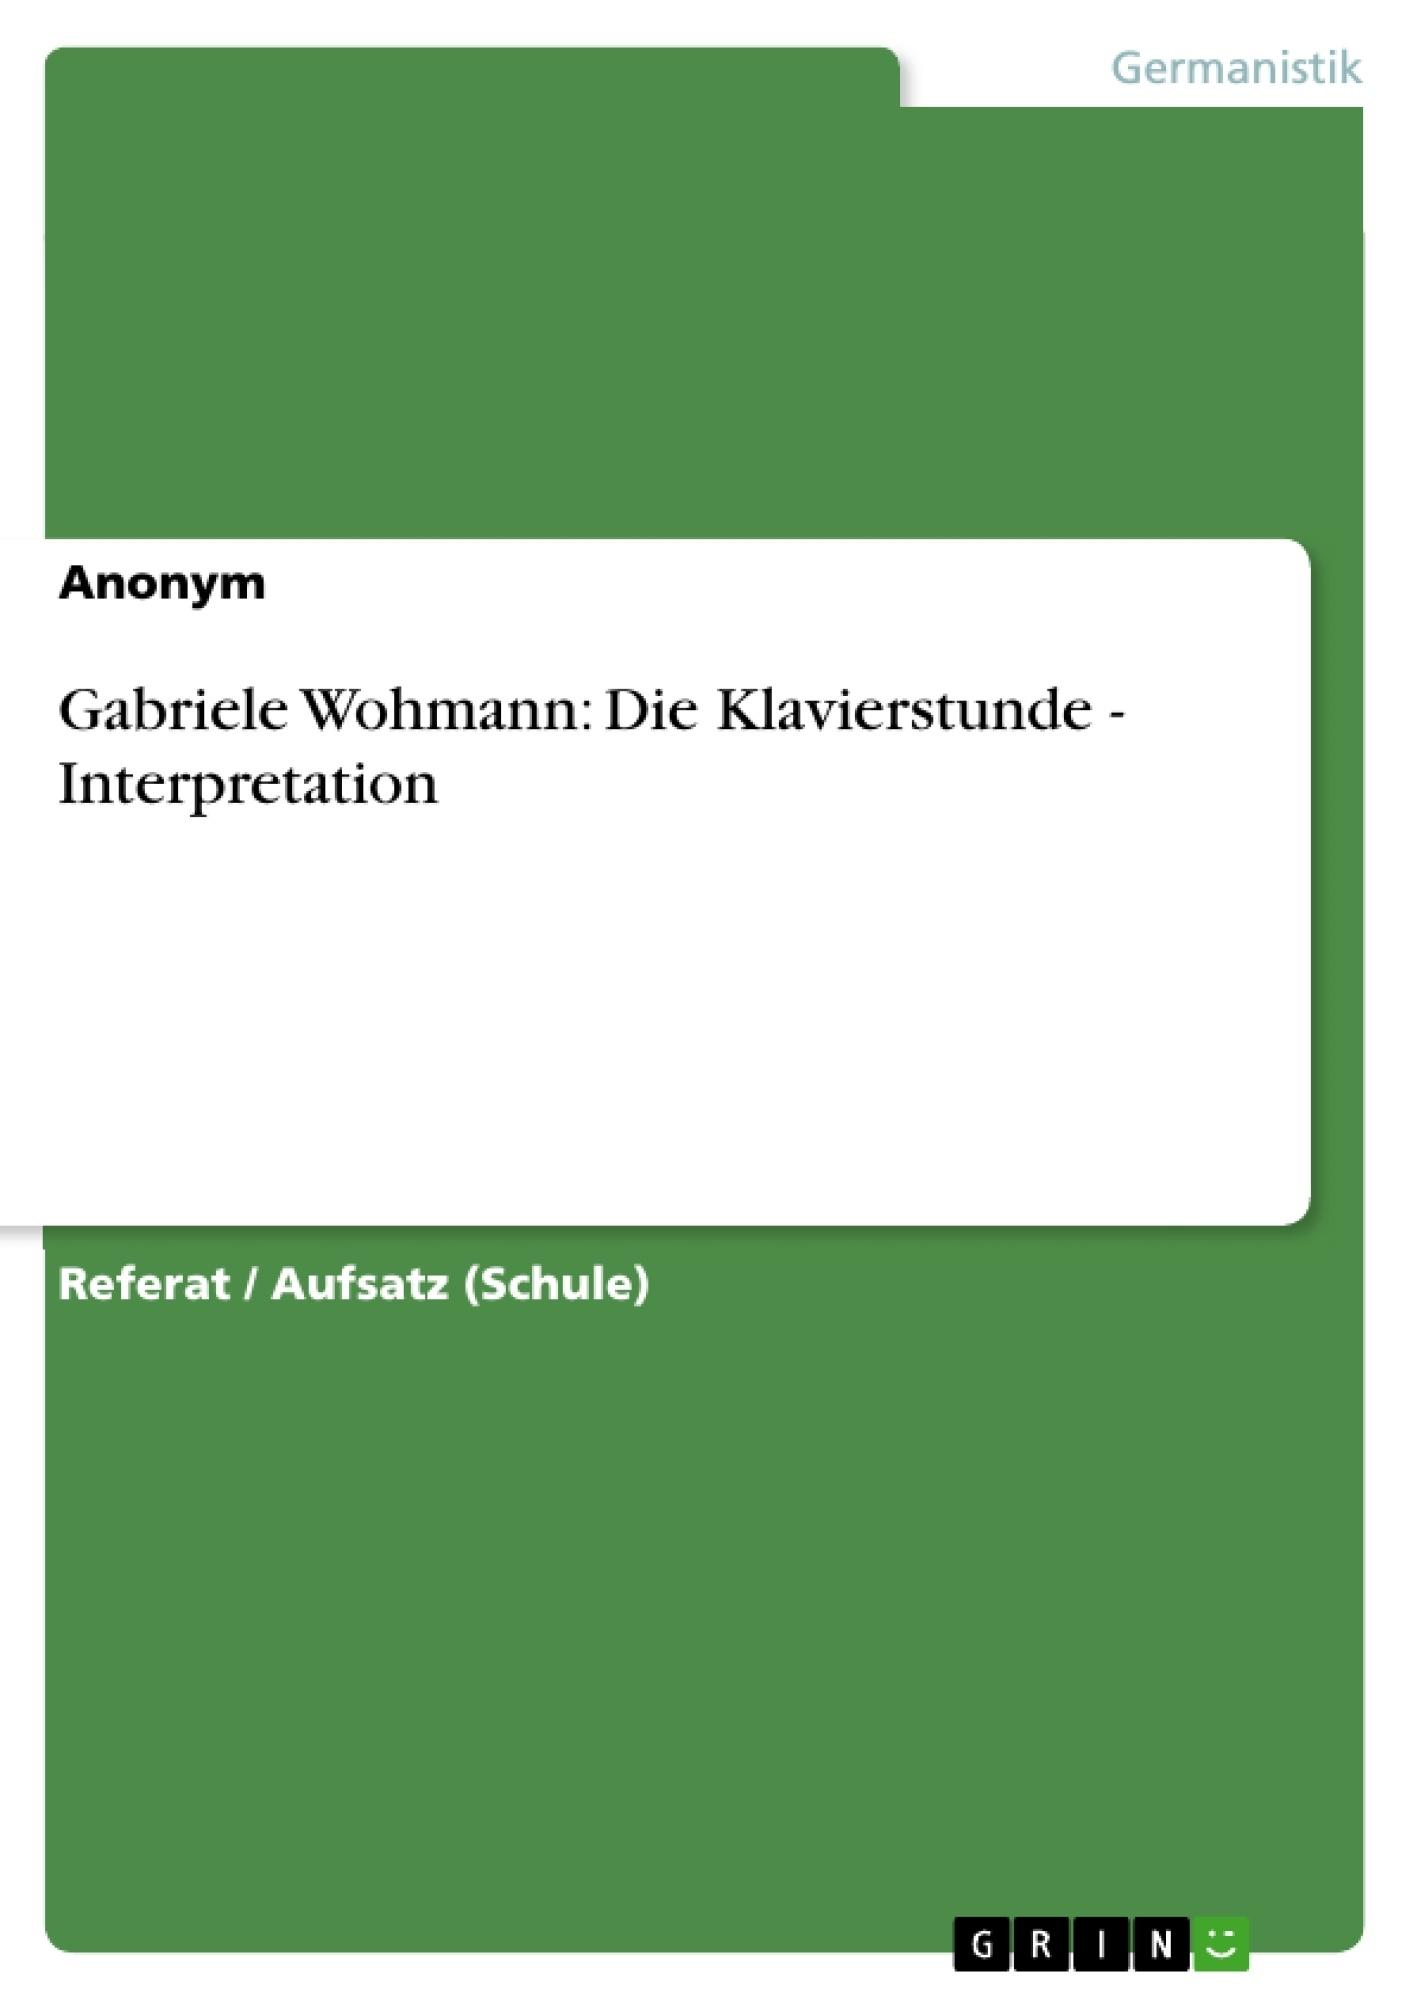 Titel: Gabriele Wohmann: Die Klavierstunde - Interpretation